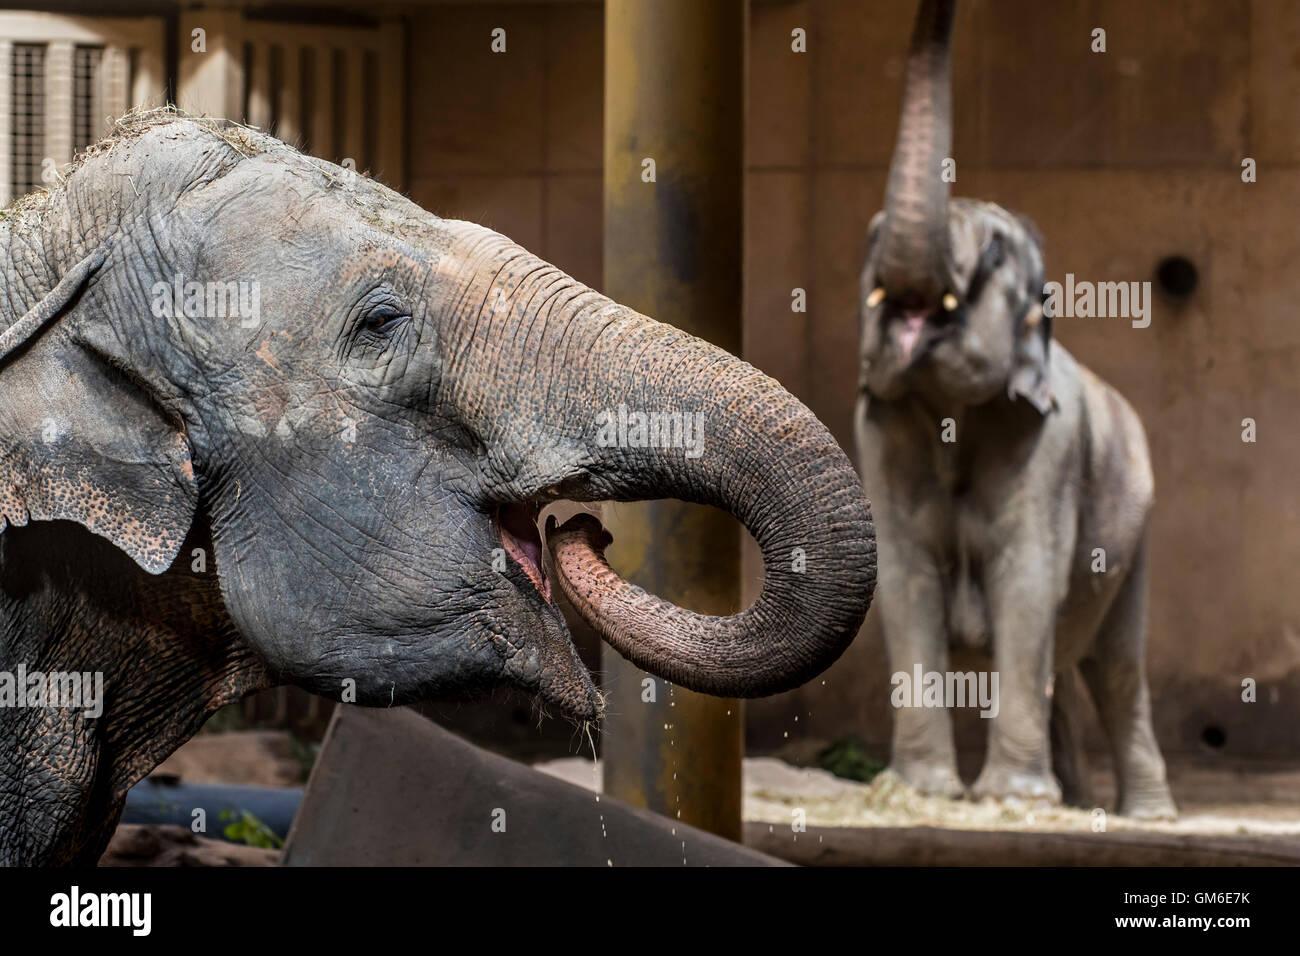 Asiatischer Elefant / asiatischen Elefanten (Elephas Maximus) trinken und Fütterung in der Innenanlage in Planckendael Stockbild